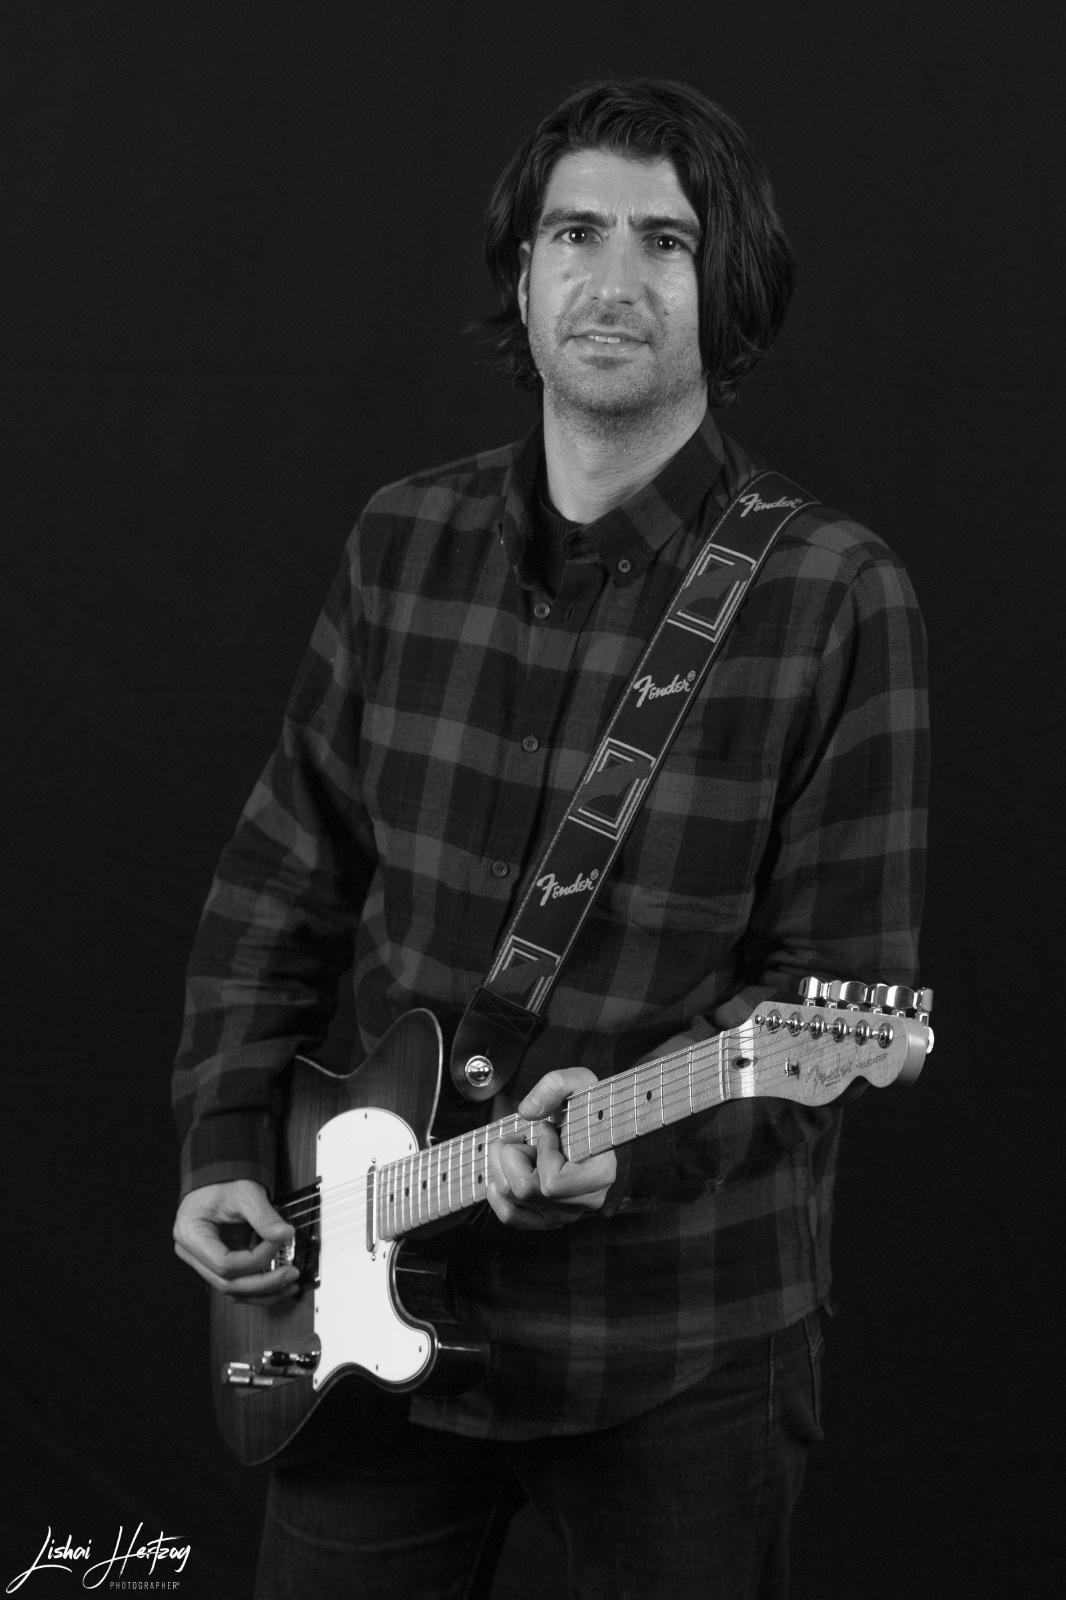 The guitarist by Lishai Herzog